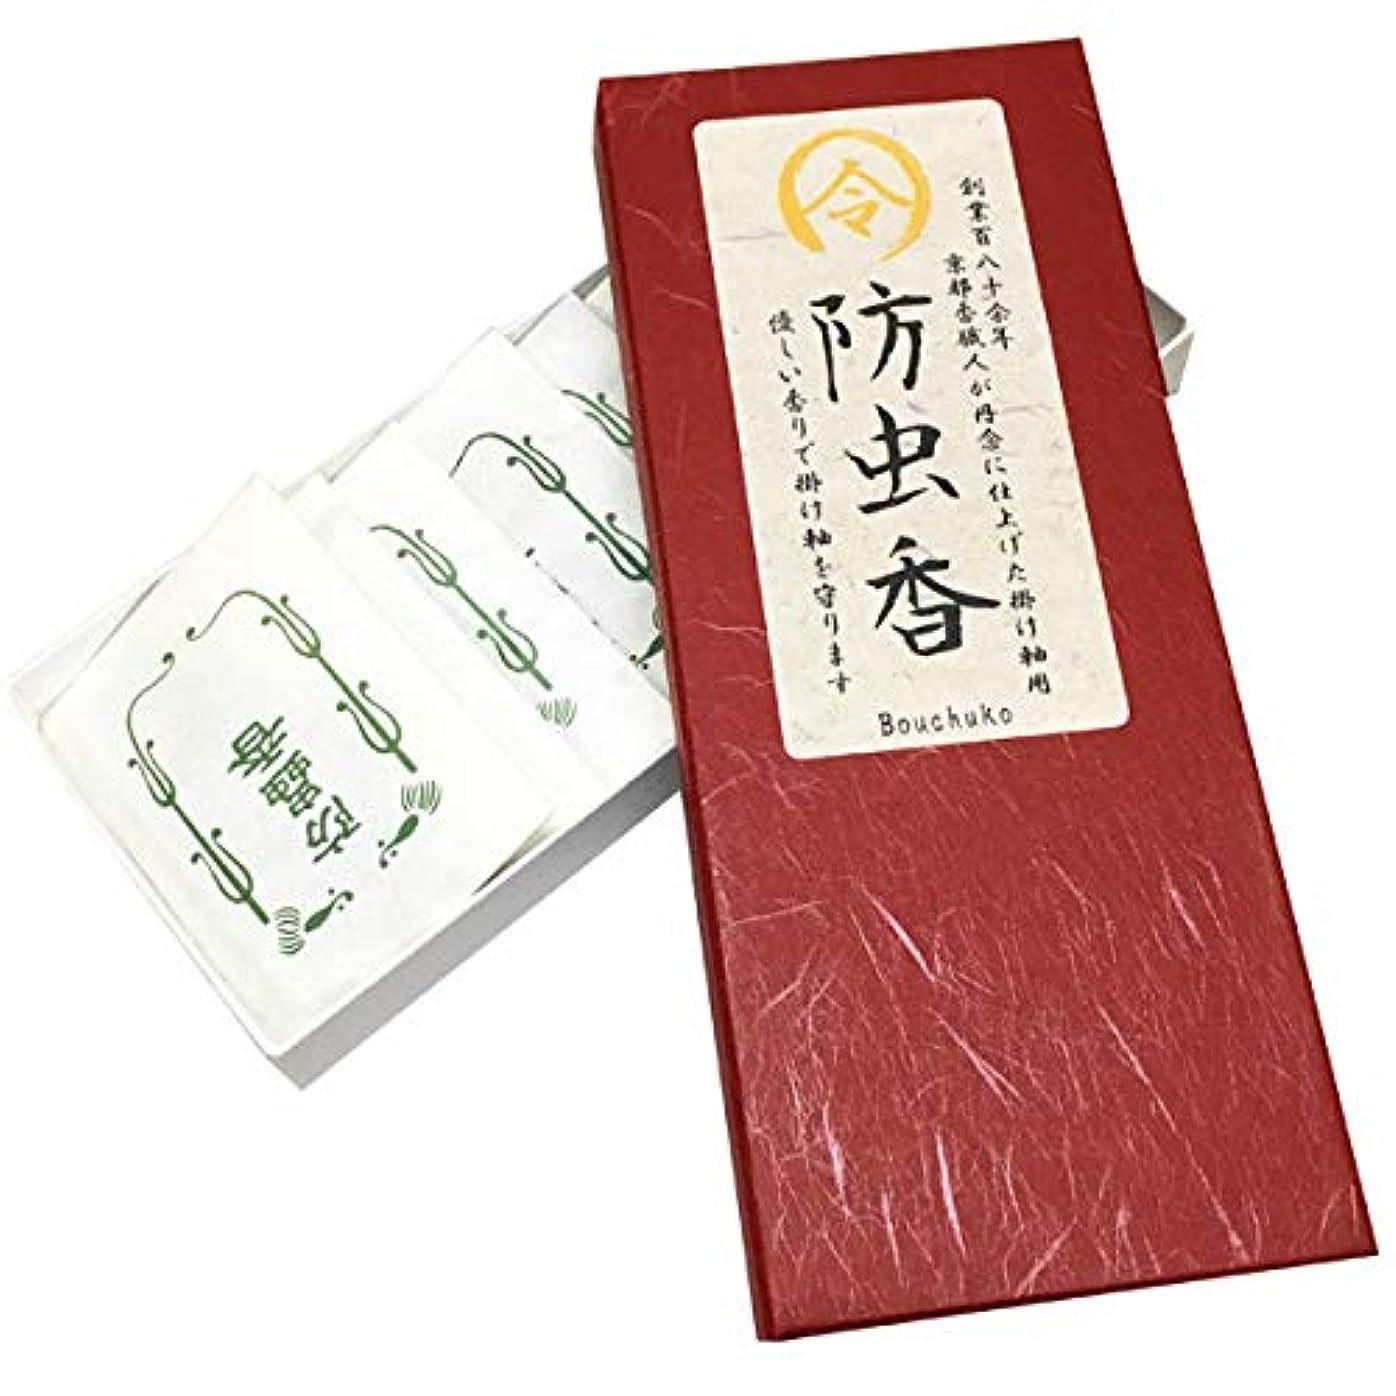 お金デコードする落ち着く掛け軸用 表具用 高級香 令和印の掛軸防虫香(白檀香) 1箱10袋入り